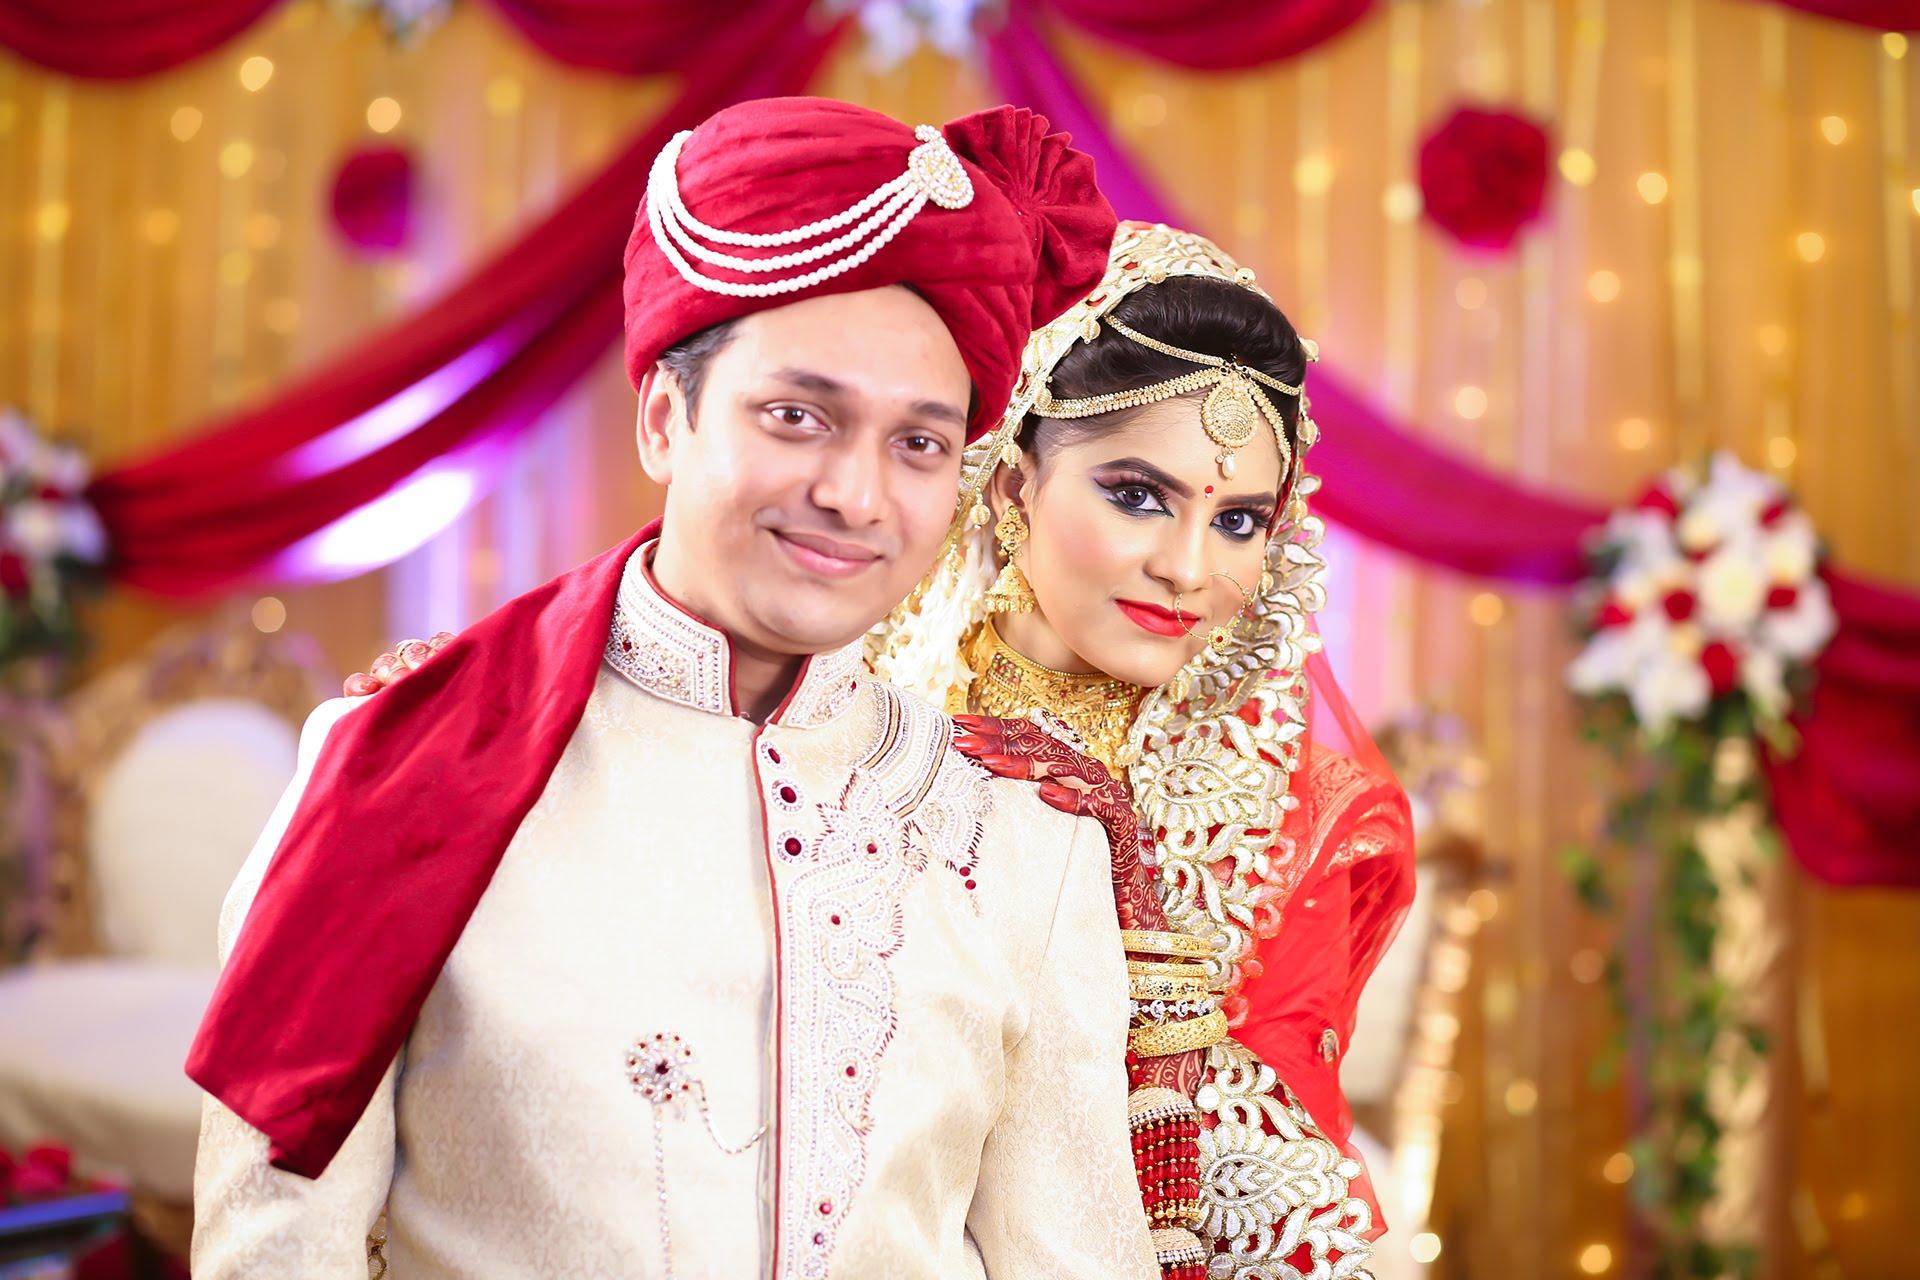 पति और पत्नी के बलिदान की कहानी | A Sweet Story In Hindi